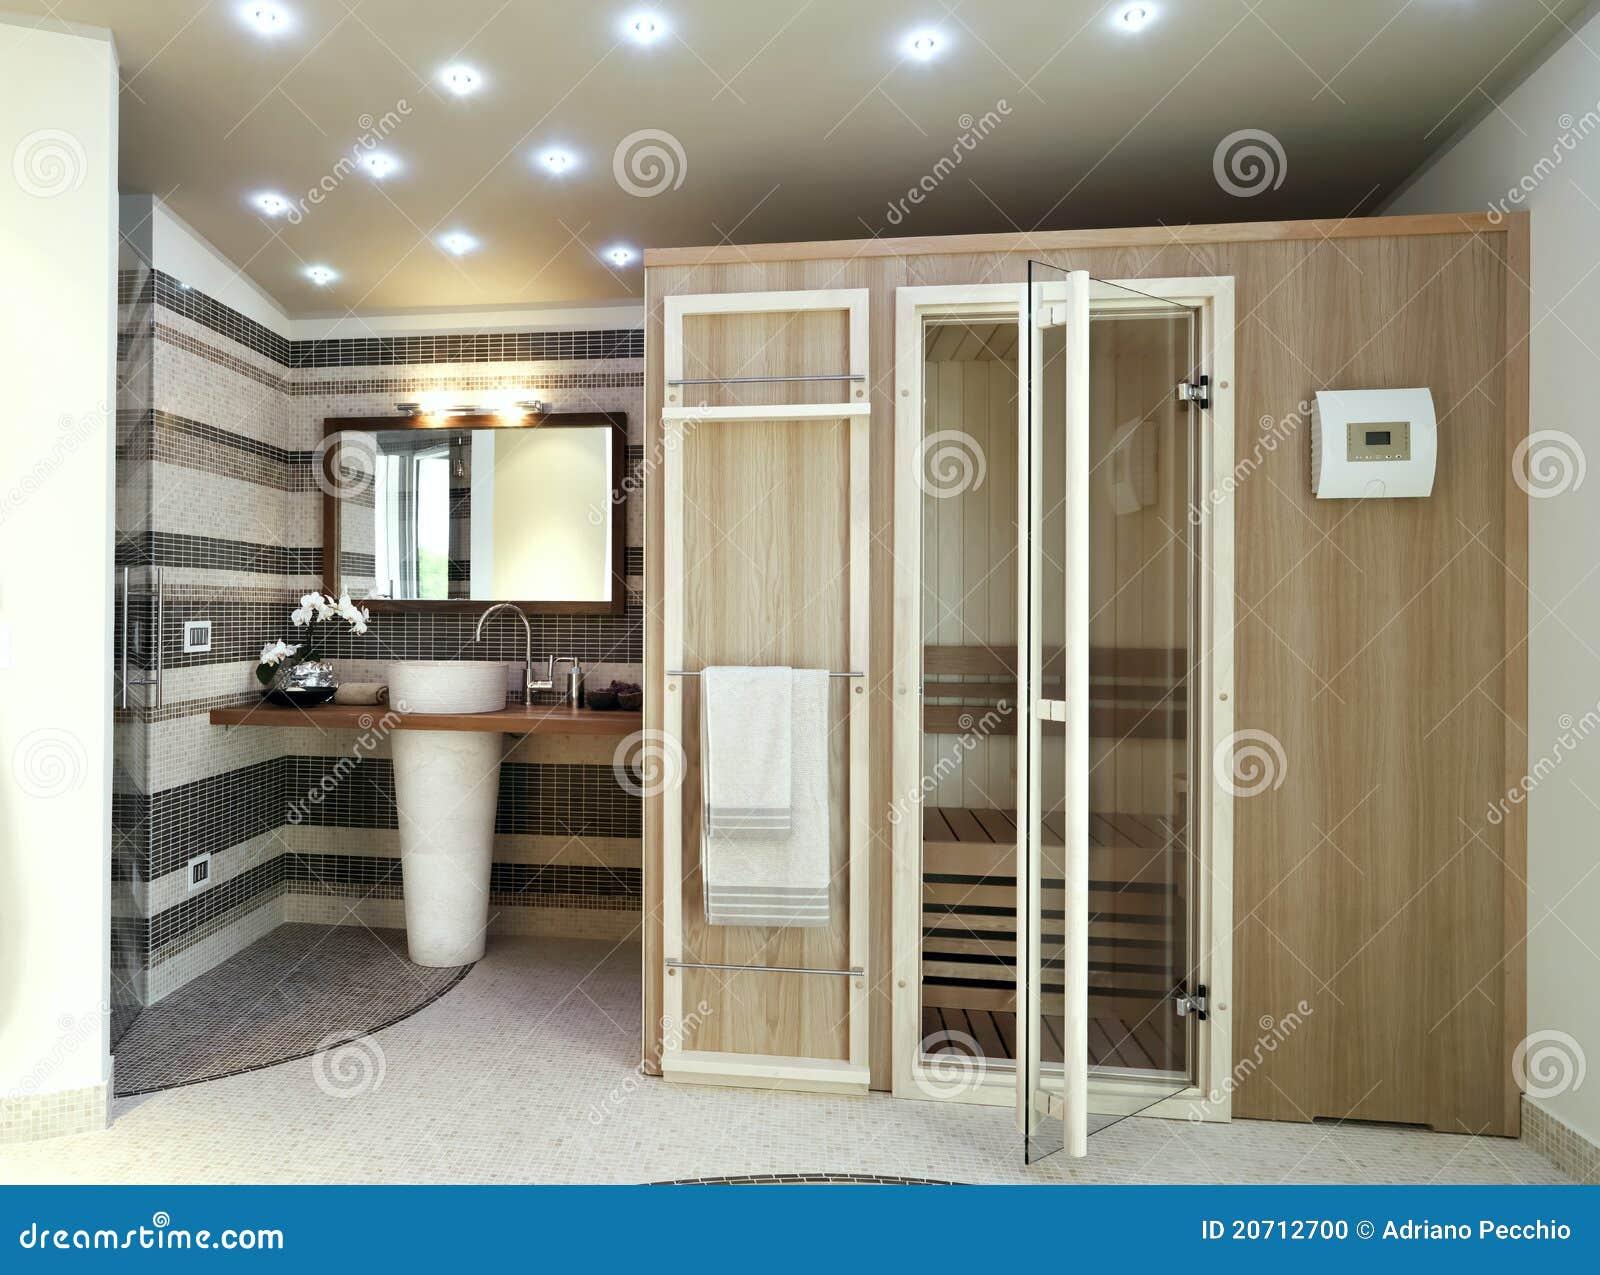 Modernes badezimmer mit sauna stockfoto bild von cozy - Badezimmer mit sauna ...